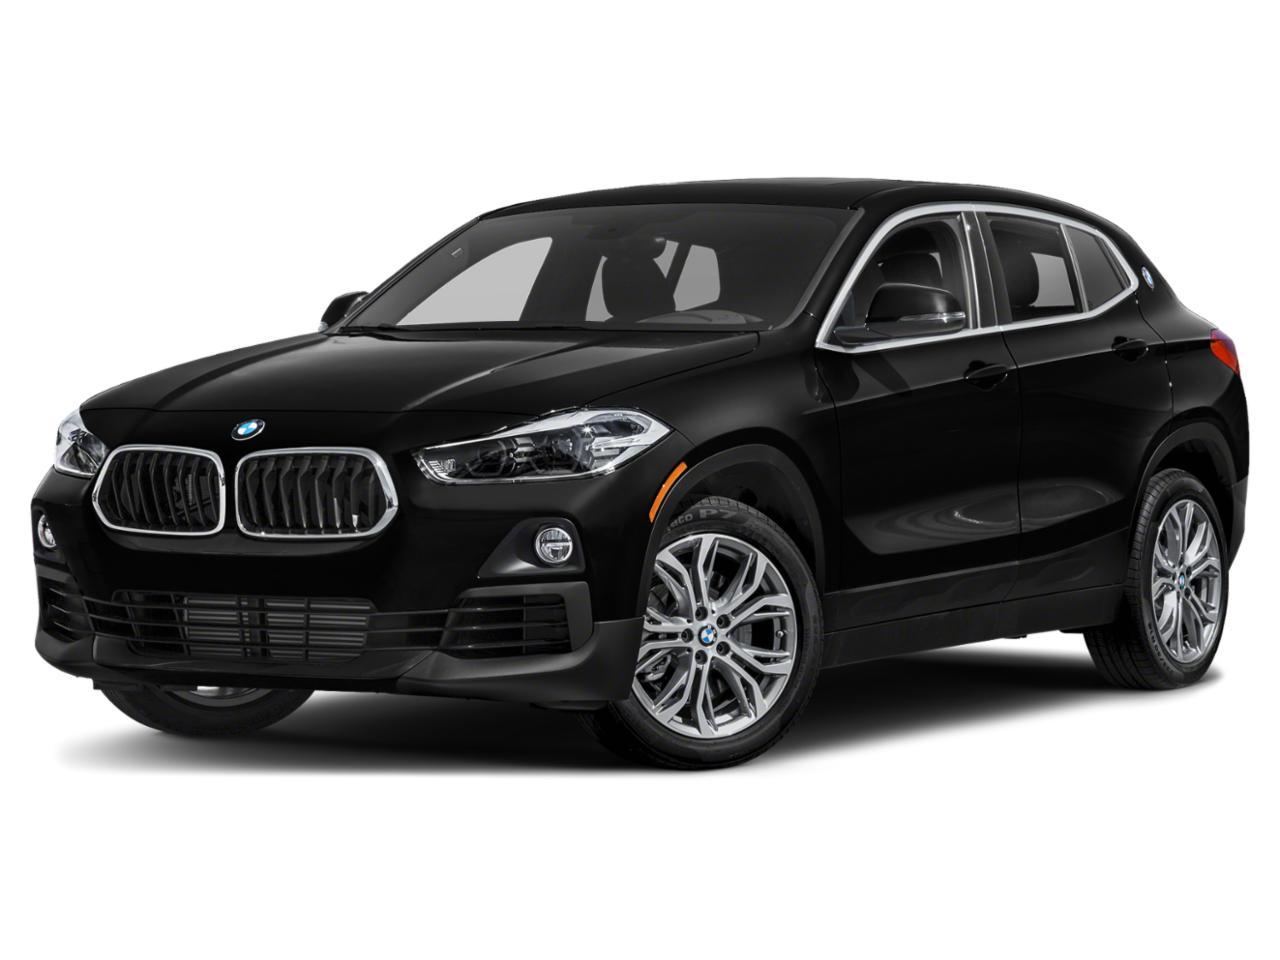 2018 BMW X2 xDrive28i Vehicle Photo in Pleasanton, CA 94588